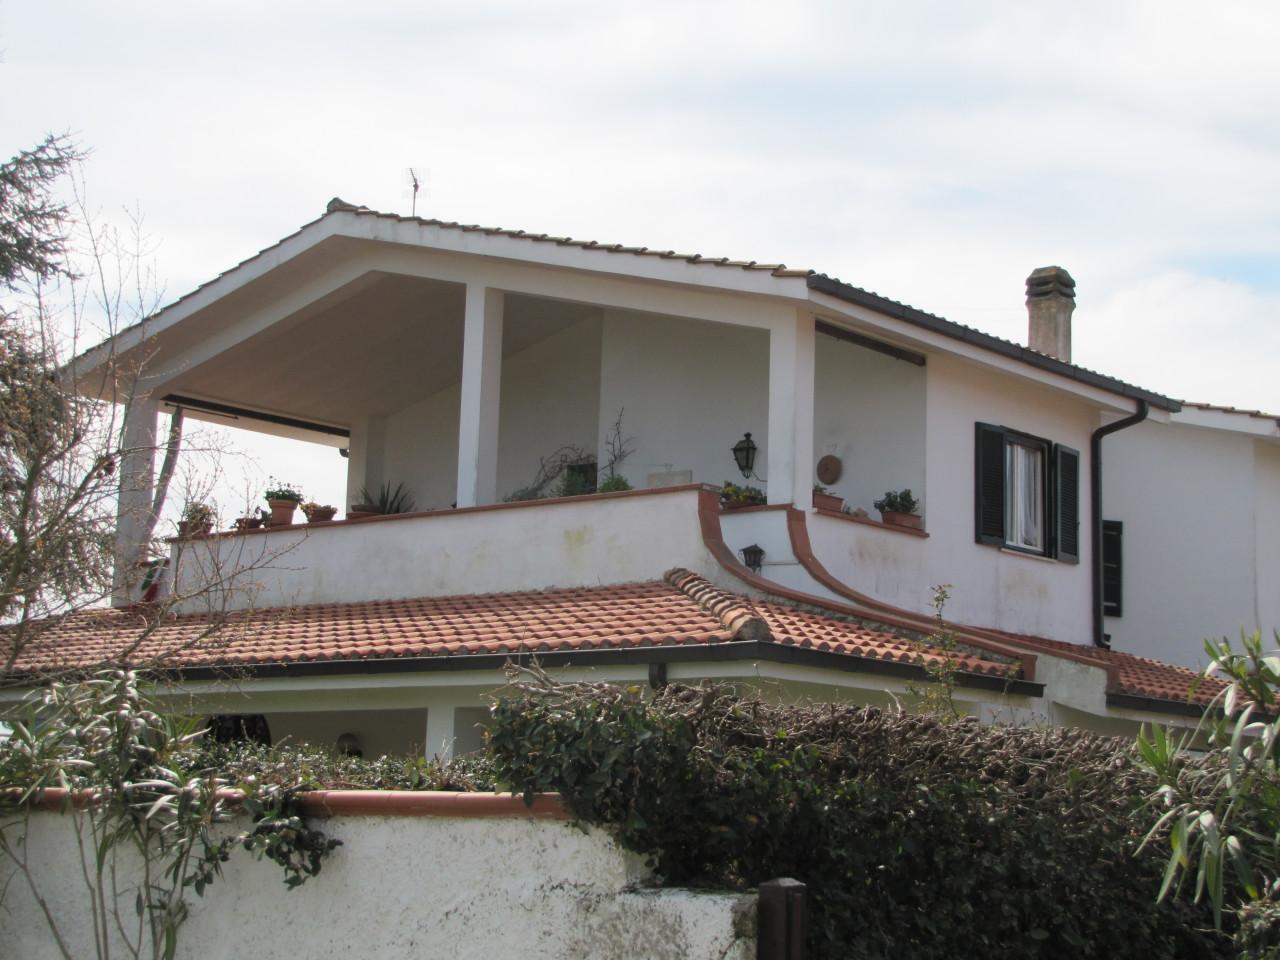 Appartamento - con giardino a San Felice Circeo